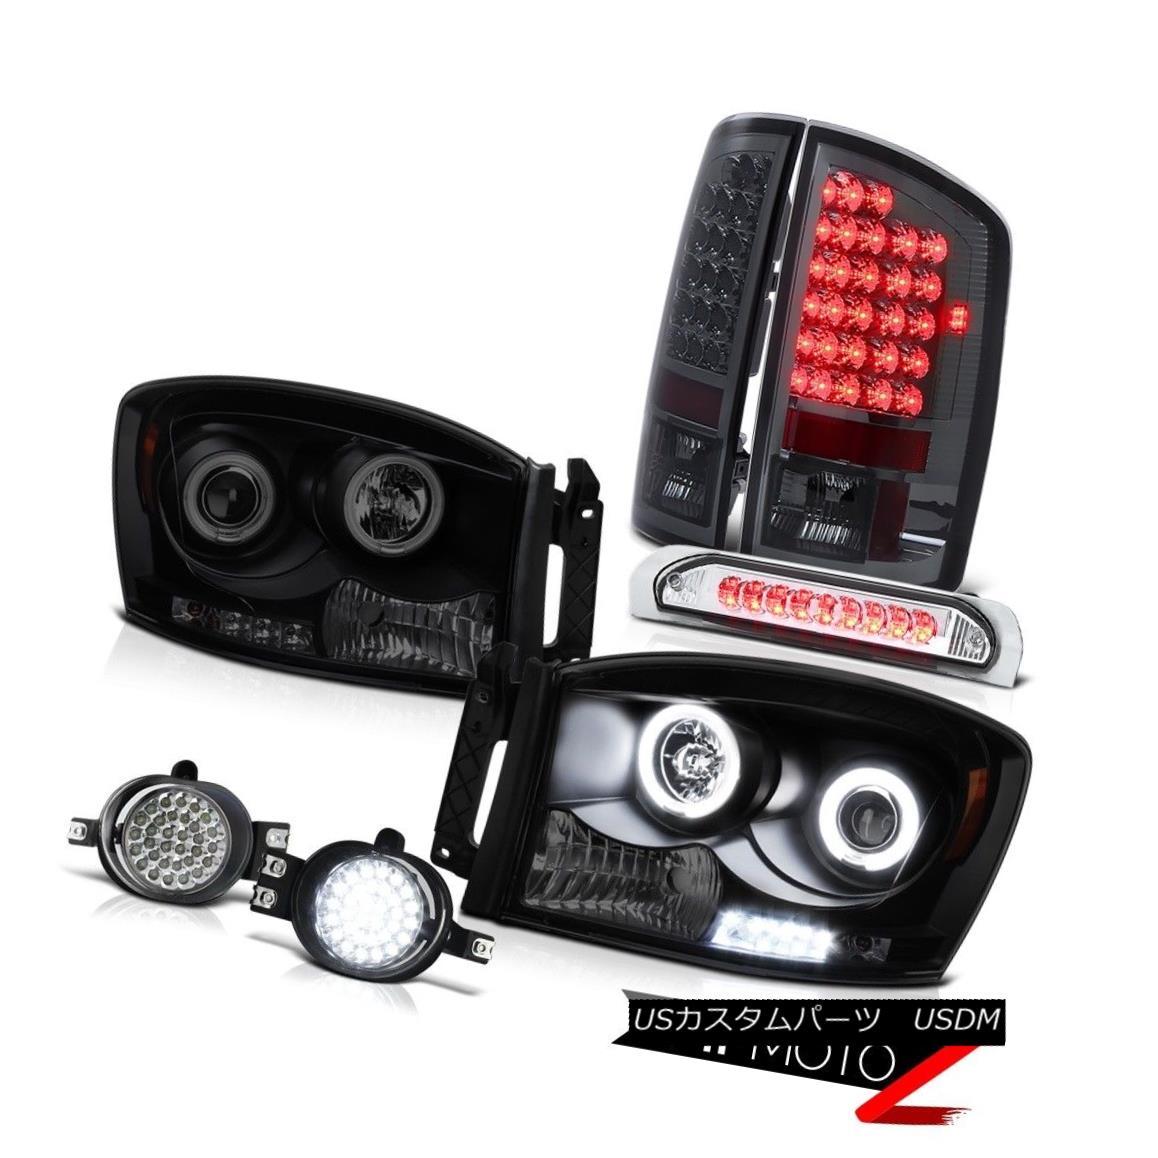 ヘッドライト 2006 Dodge Ram 4x4 Black CCFL Angel Eye Headlights LED D.R.L Fog Light Stop Lamp 2006年ダッジラム4x4ブラックCCFLエンジェルアイヘッドライトLED D.R.Lフォグライトストップランプ